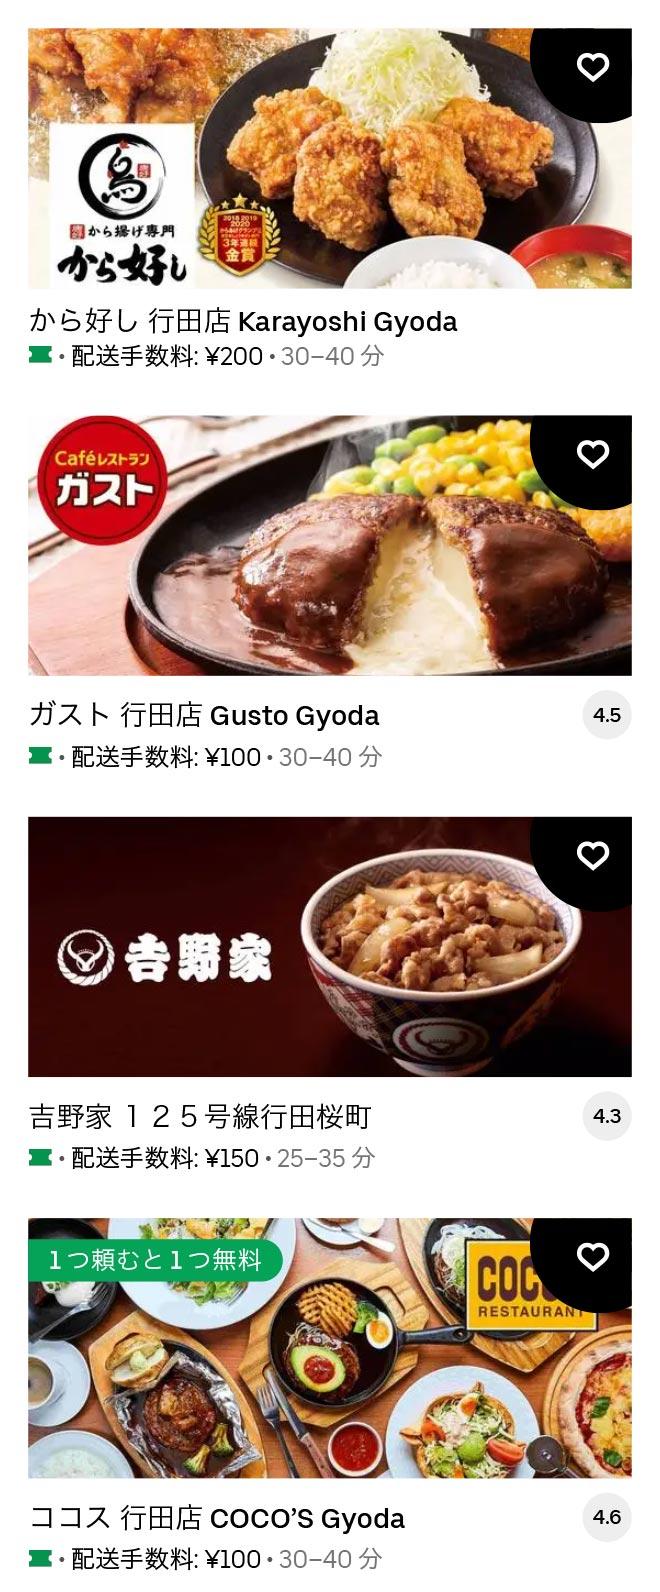 Gyouda shi menu 2102 2